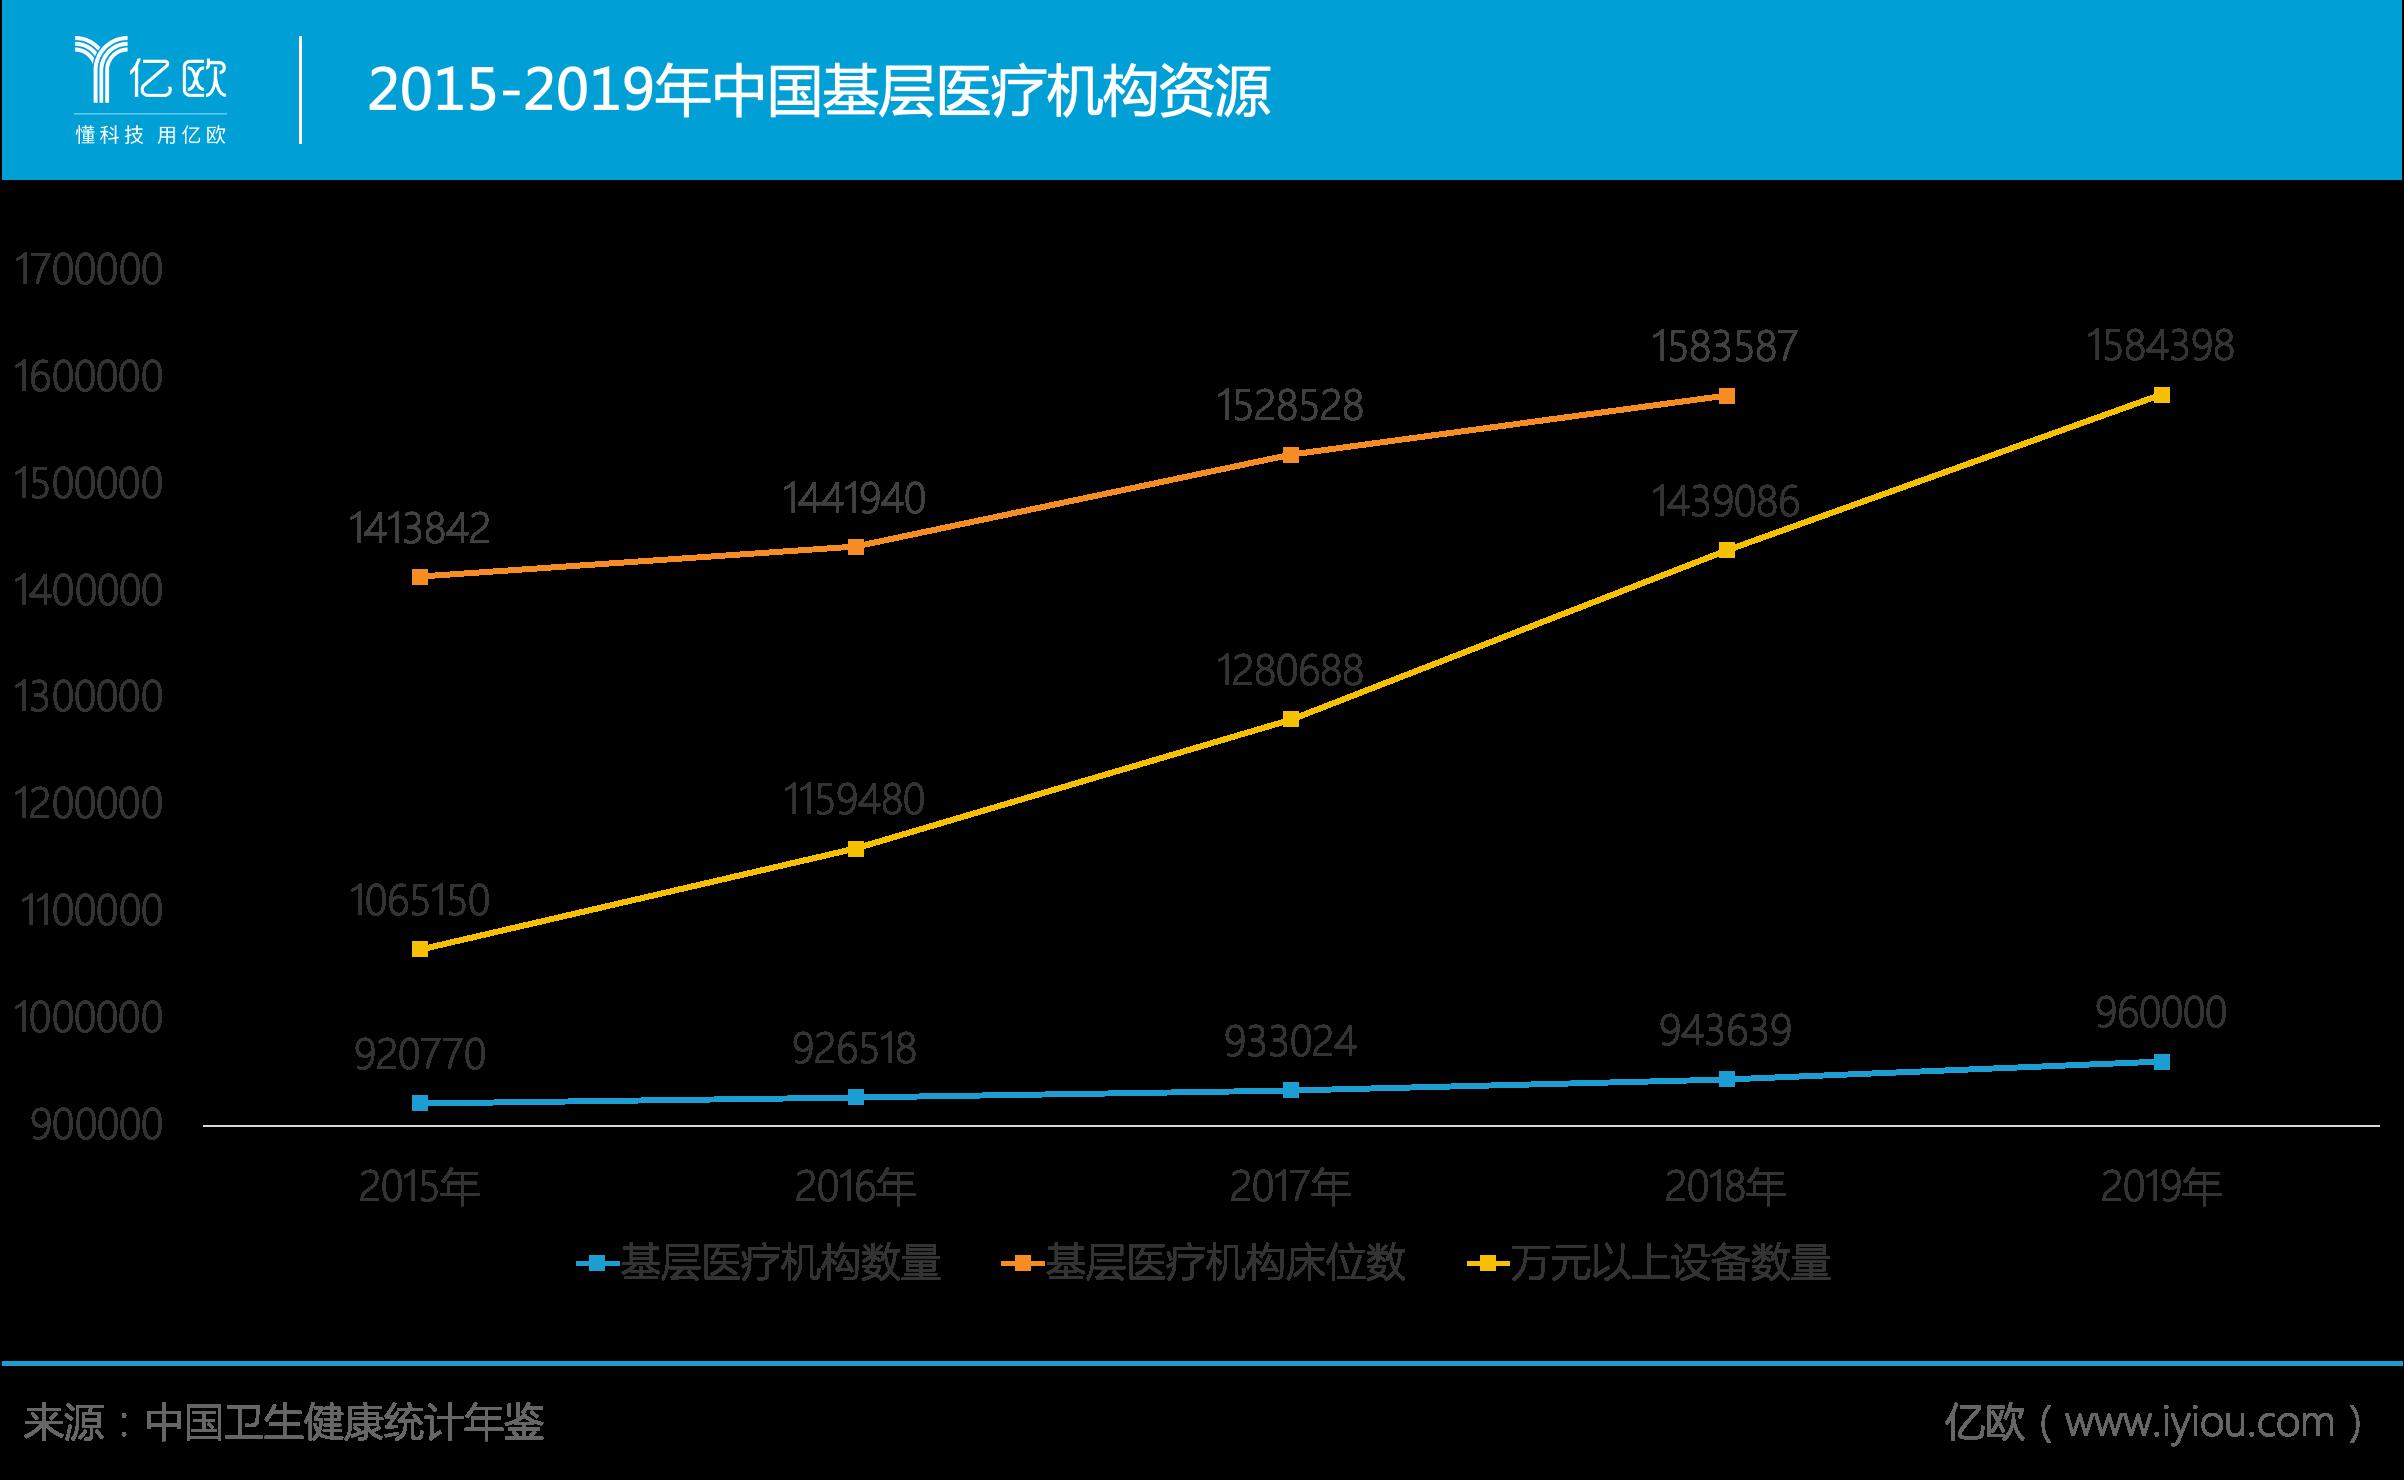 2015-2019年中国下层医疗机构资源